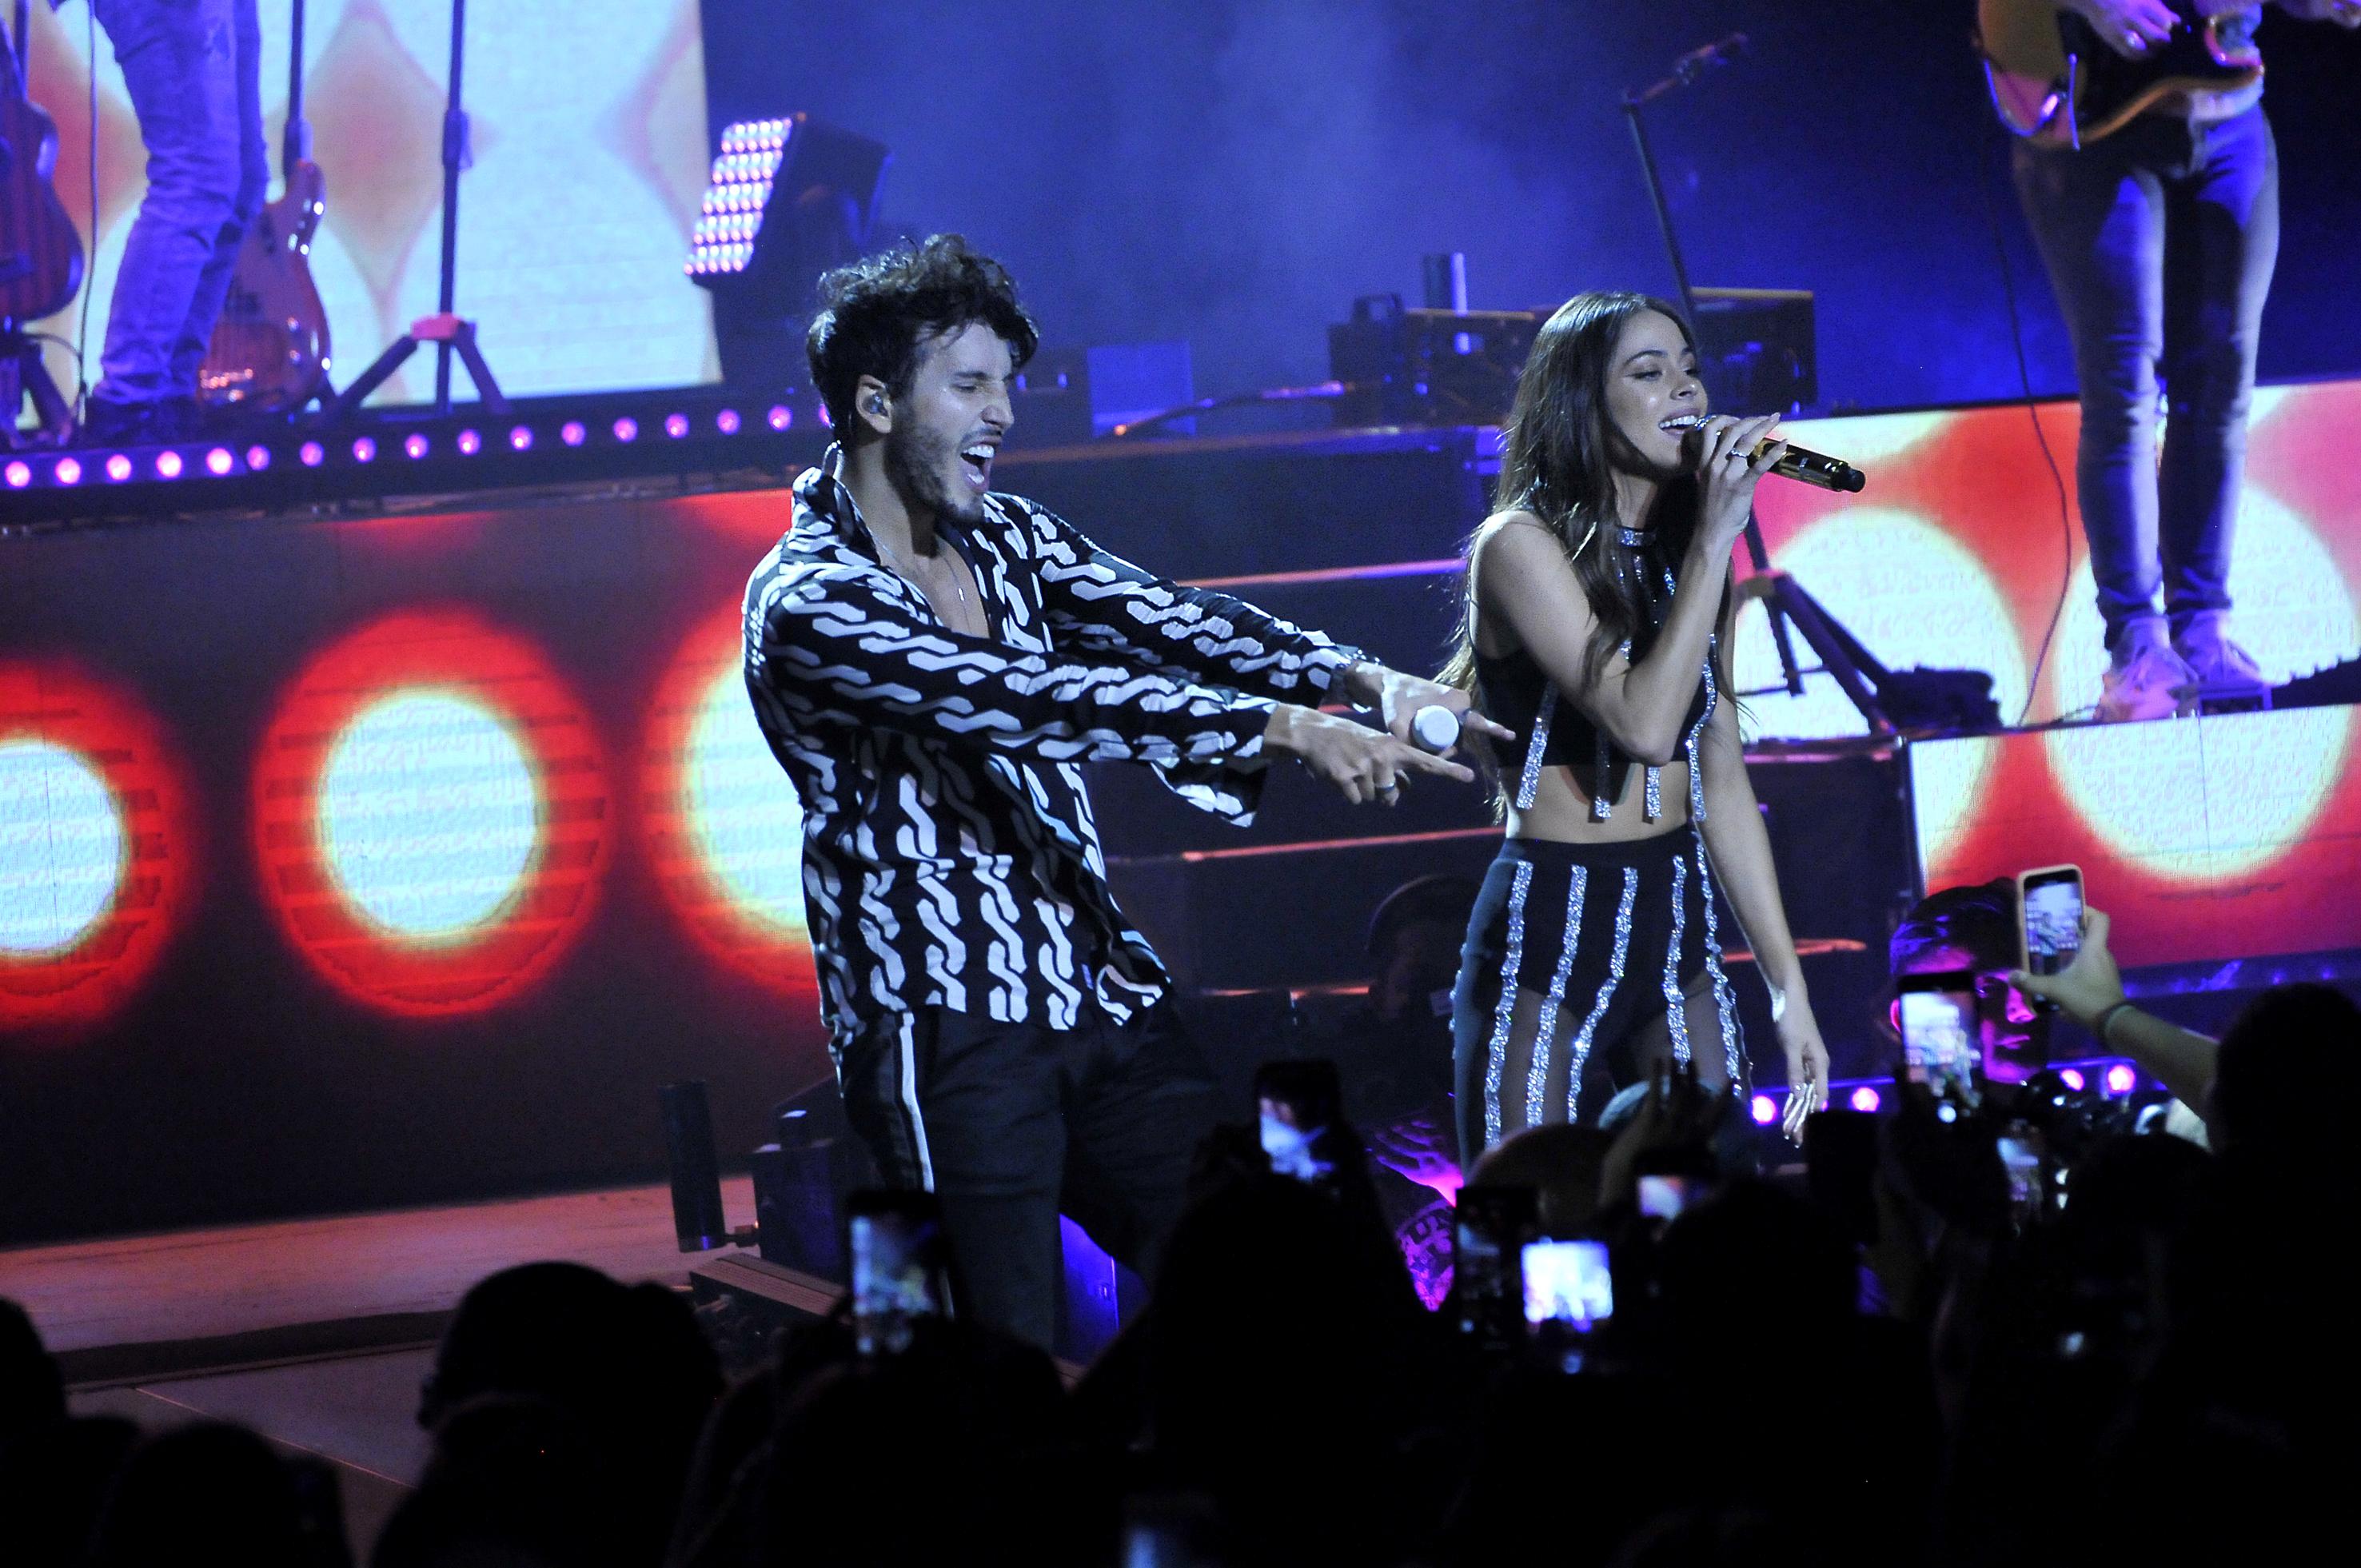 Sebastián viajó de visita a la Argentina para el show que tenía pautado y también para reencontrarse con Tini, con quien mantiene una relación a la distancia